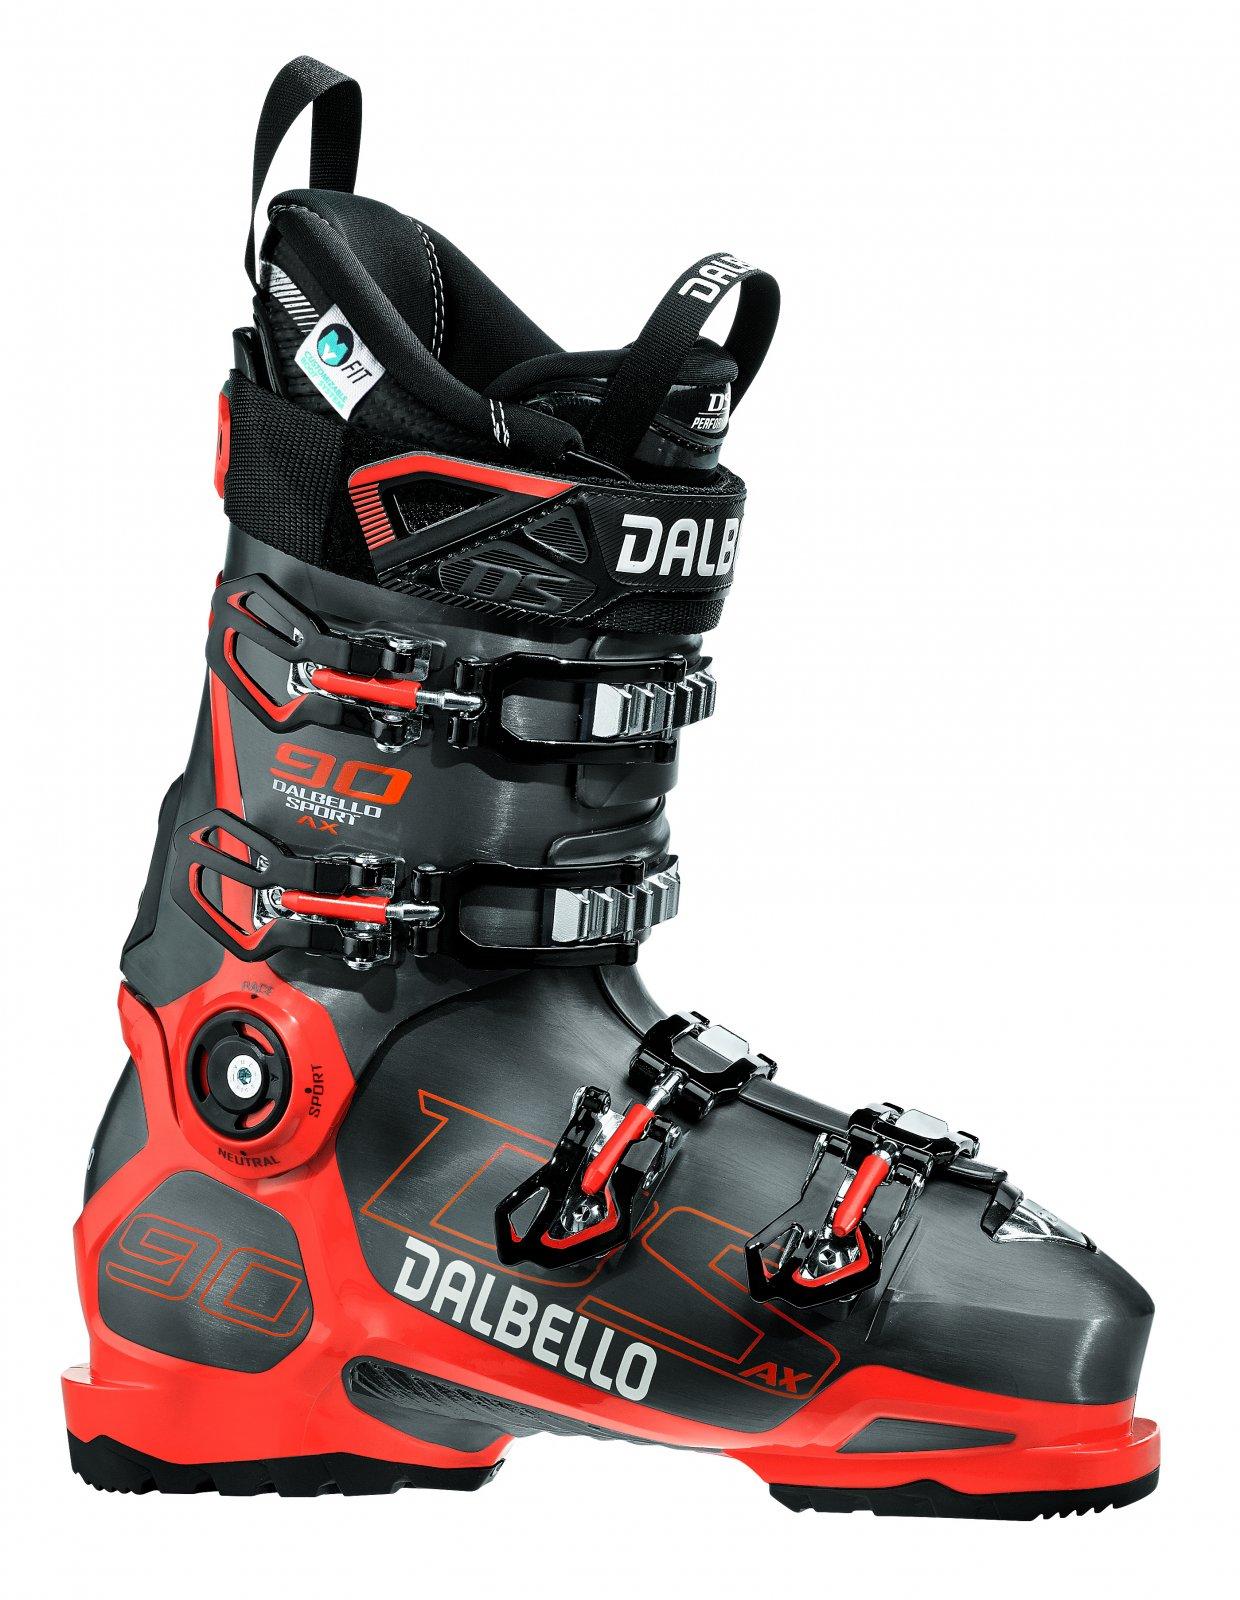 Dalbello DS AX 90 Ski Boots 2020 - size 27.5